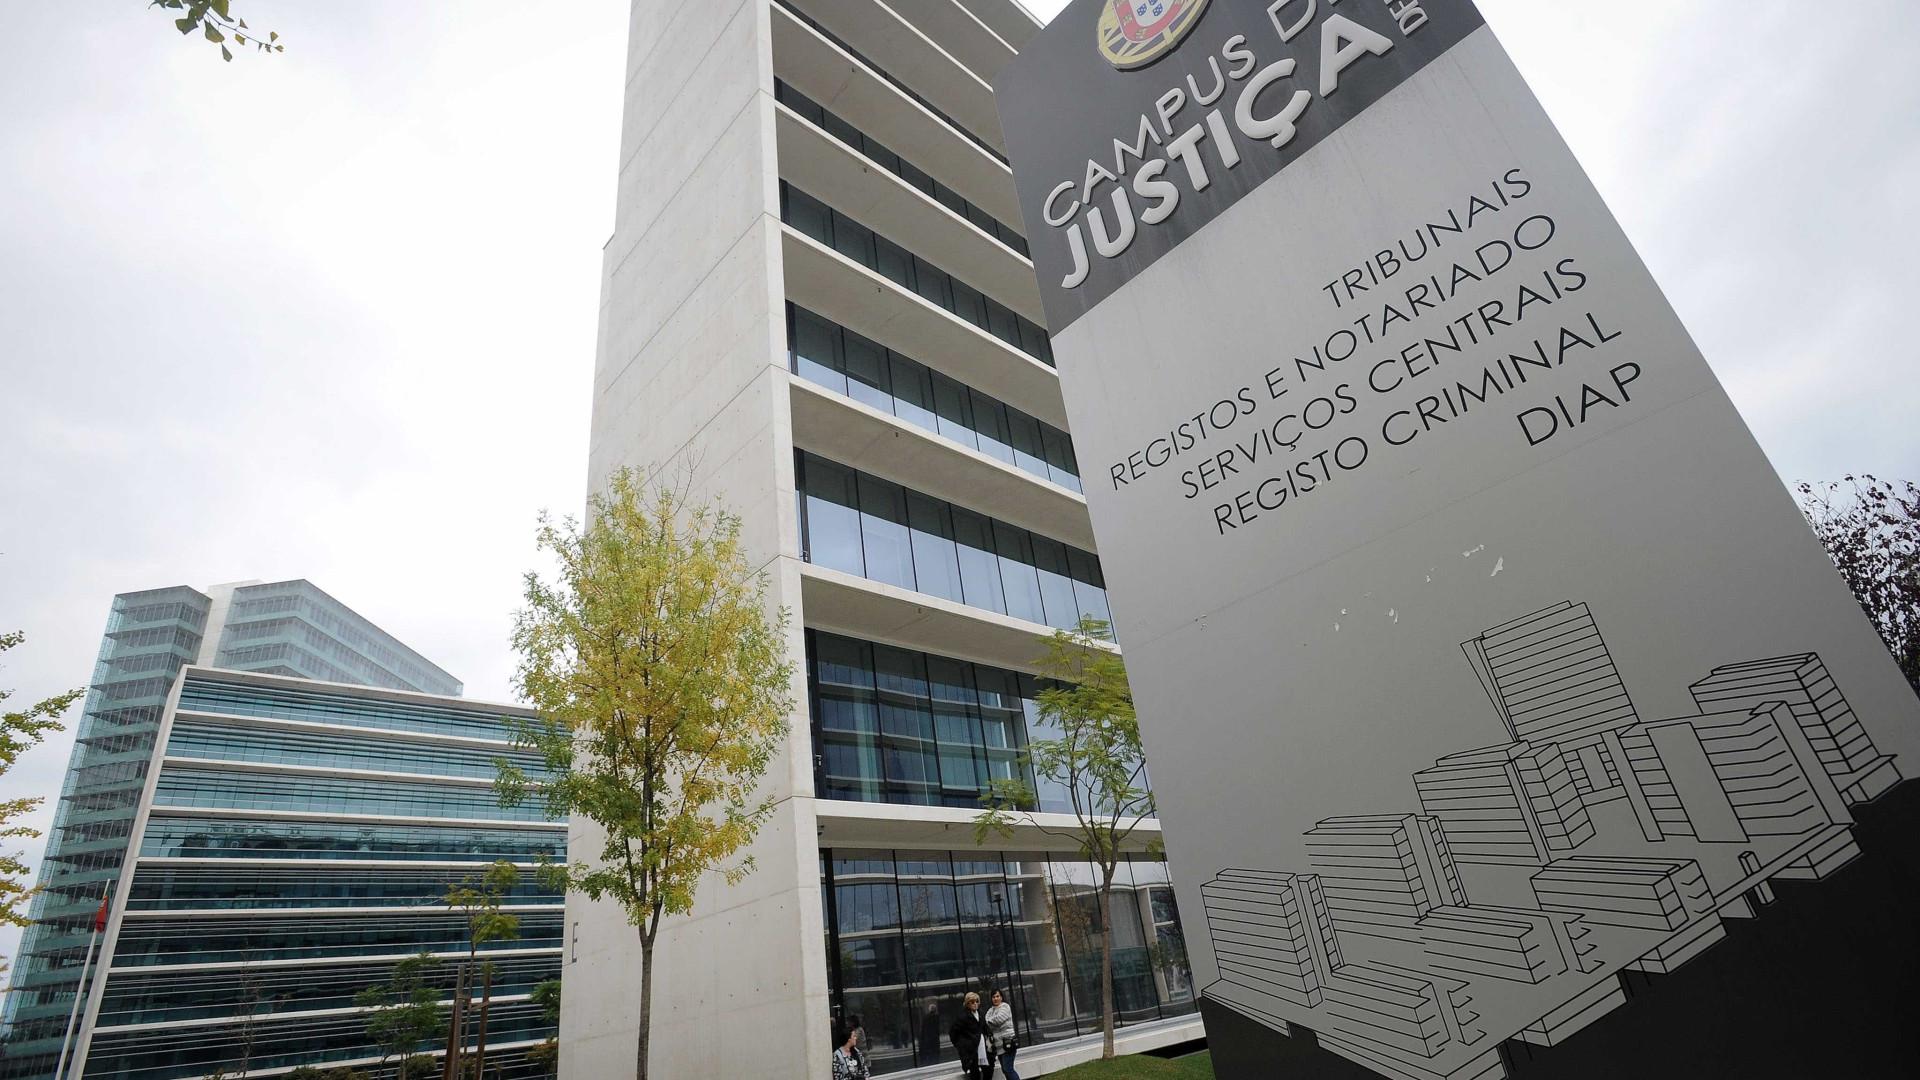 Operação Fizz: Presidente do BPA quer depor a partir da PGR de Angola